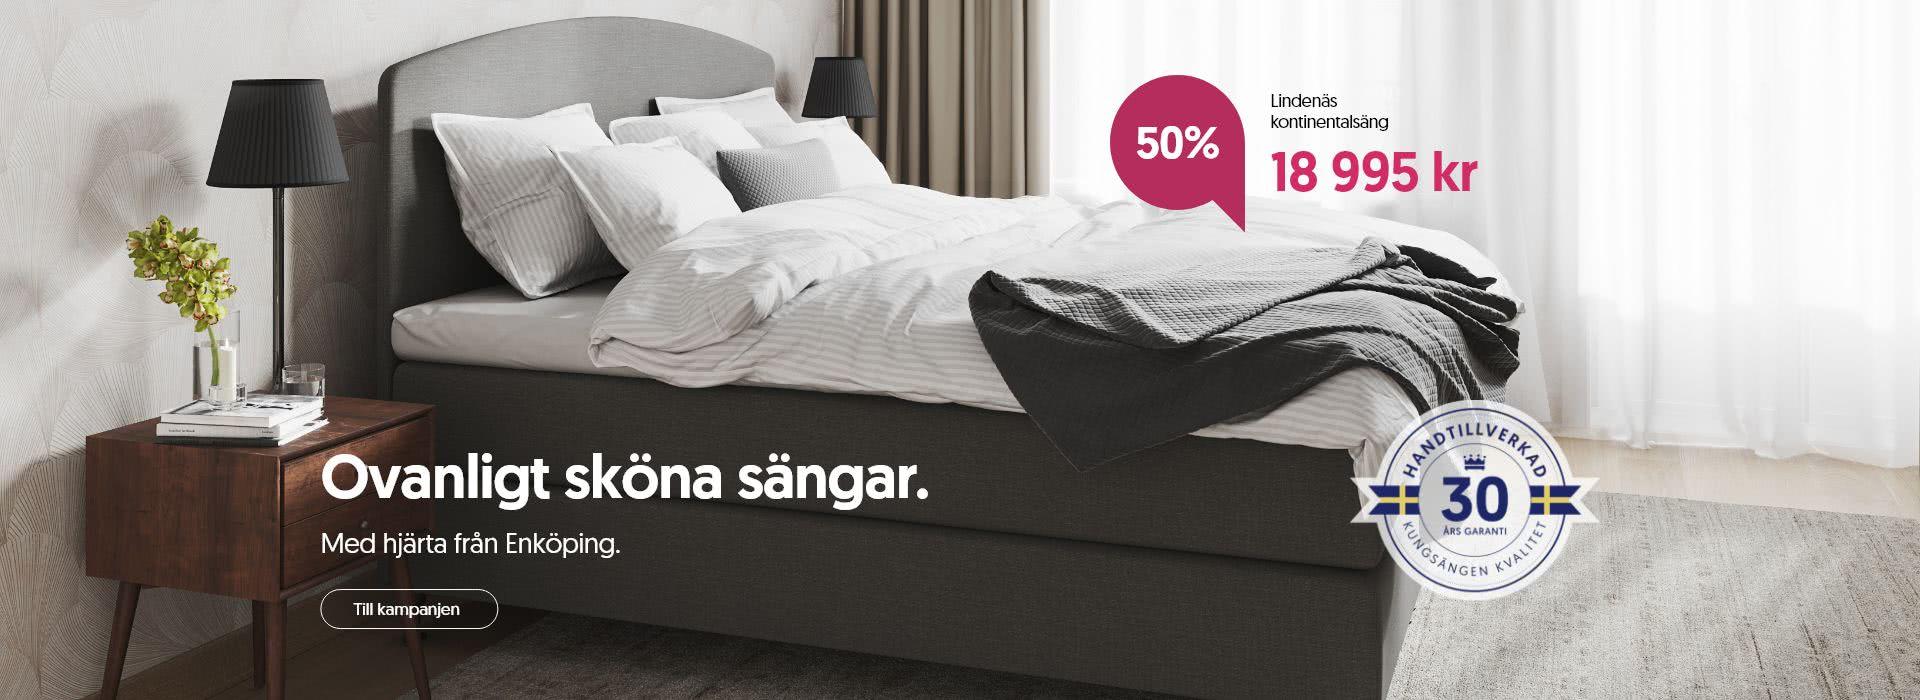 Ovanligt sköna sängar